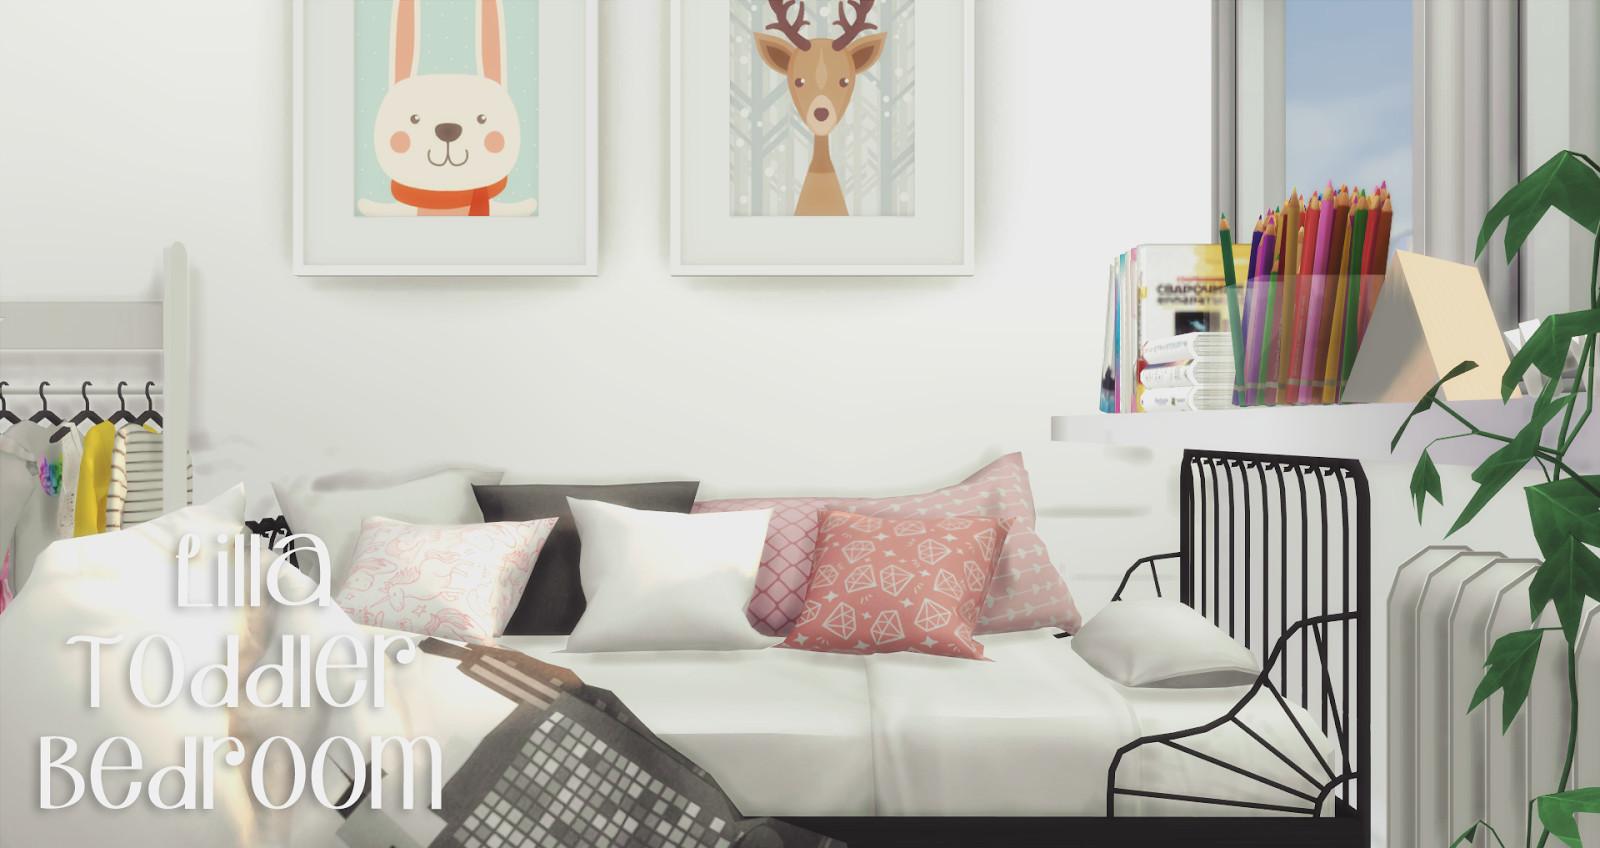 Toddler Bedroom Furniture Set Inspirational Lilla toddler Bedroom New Set